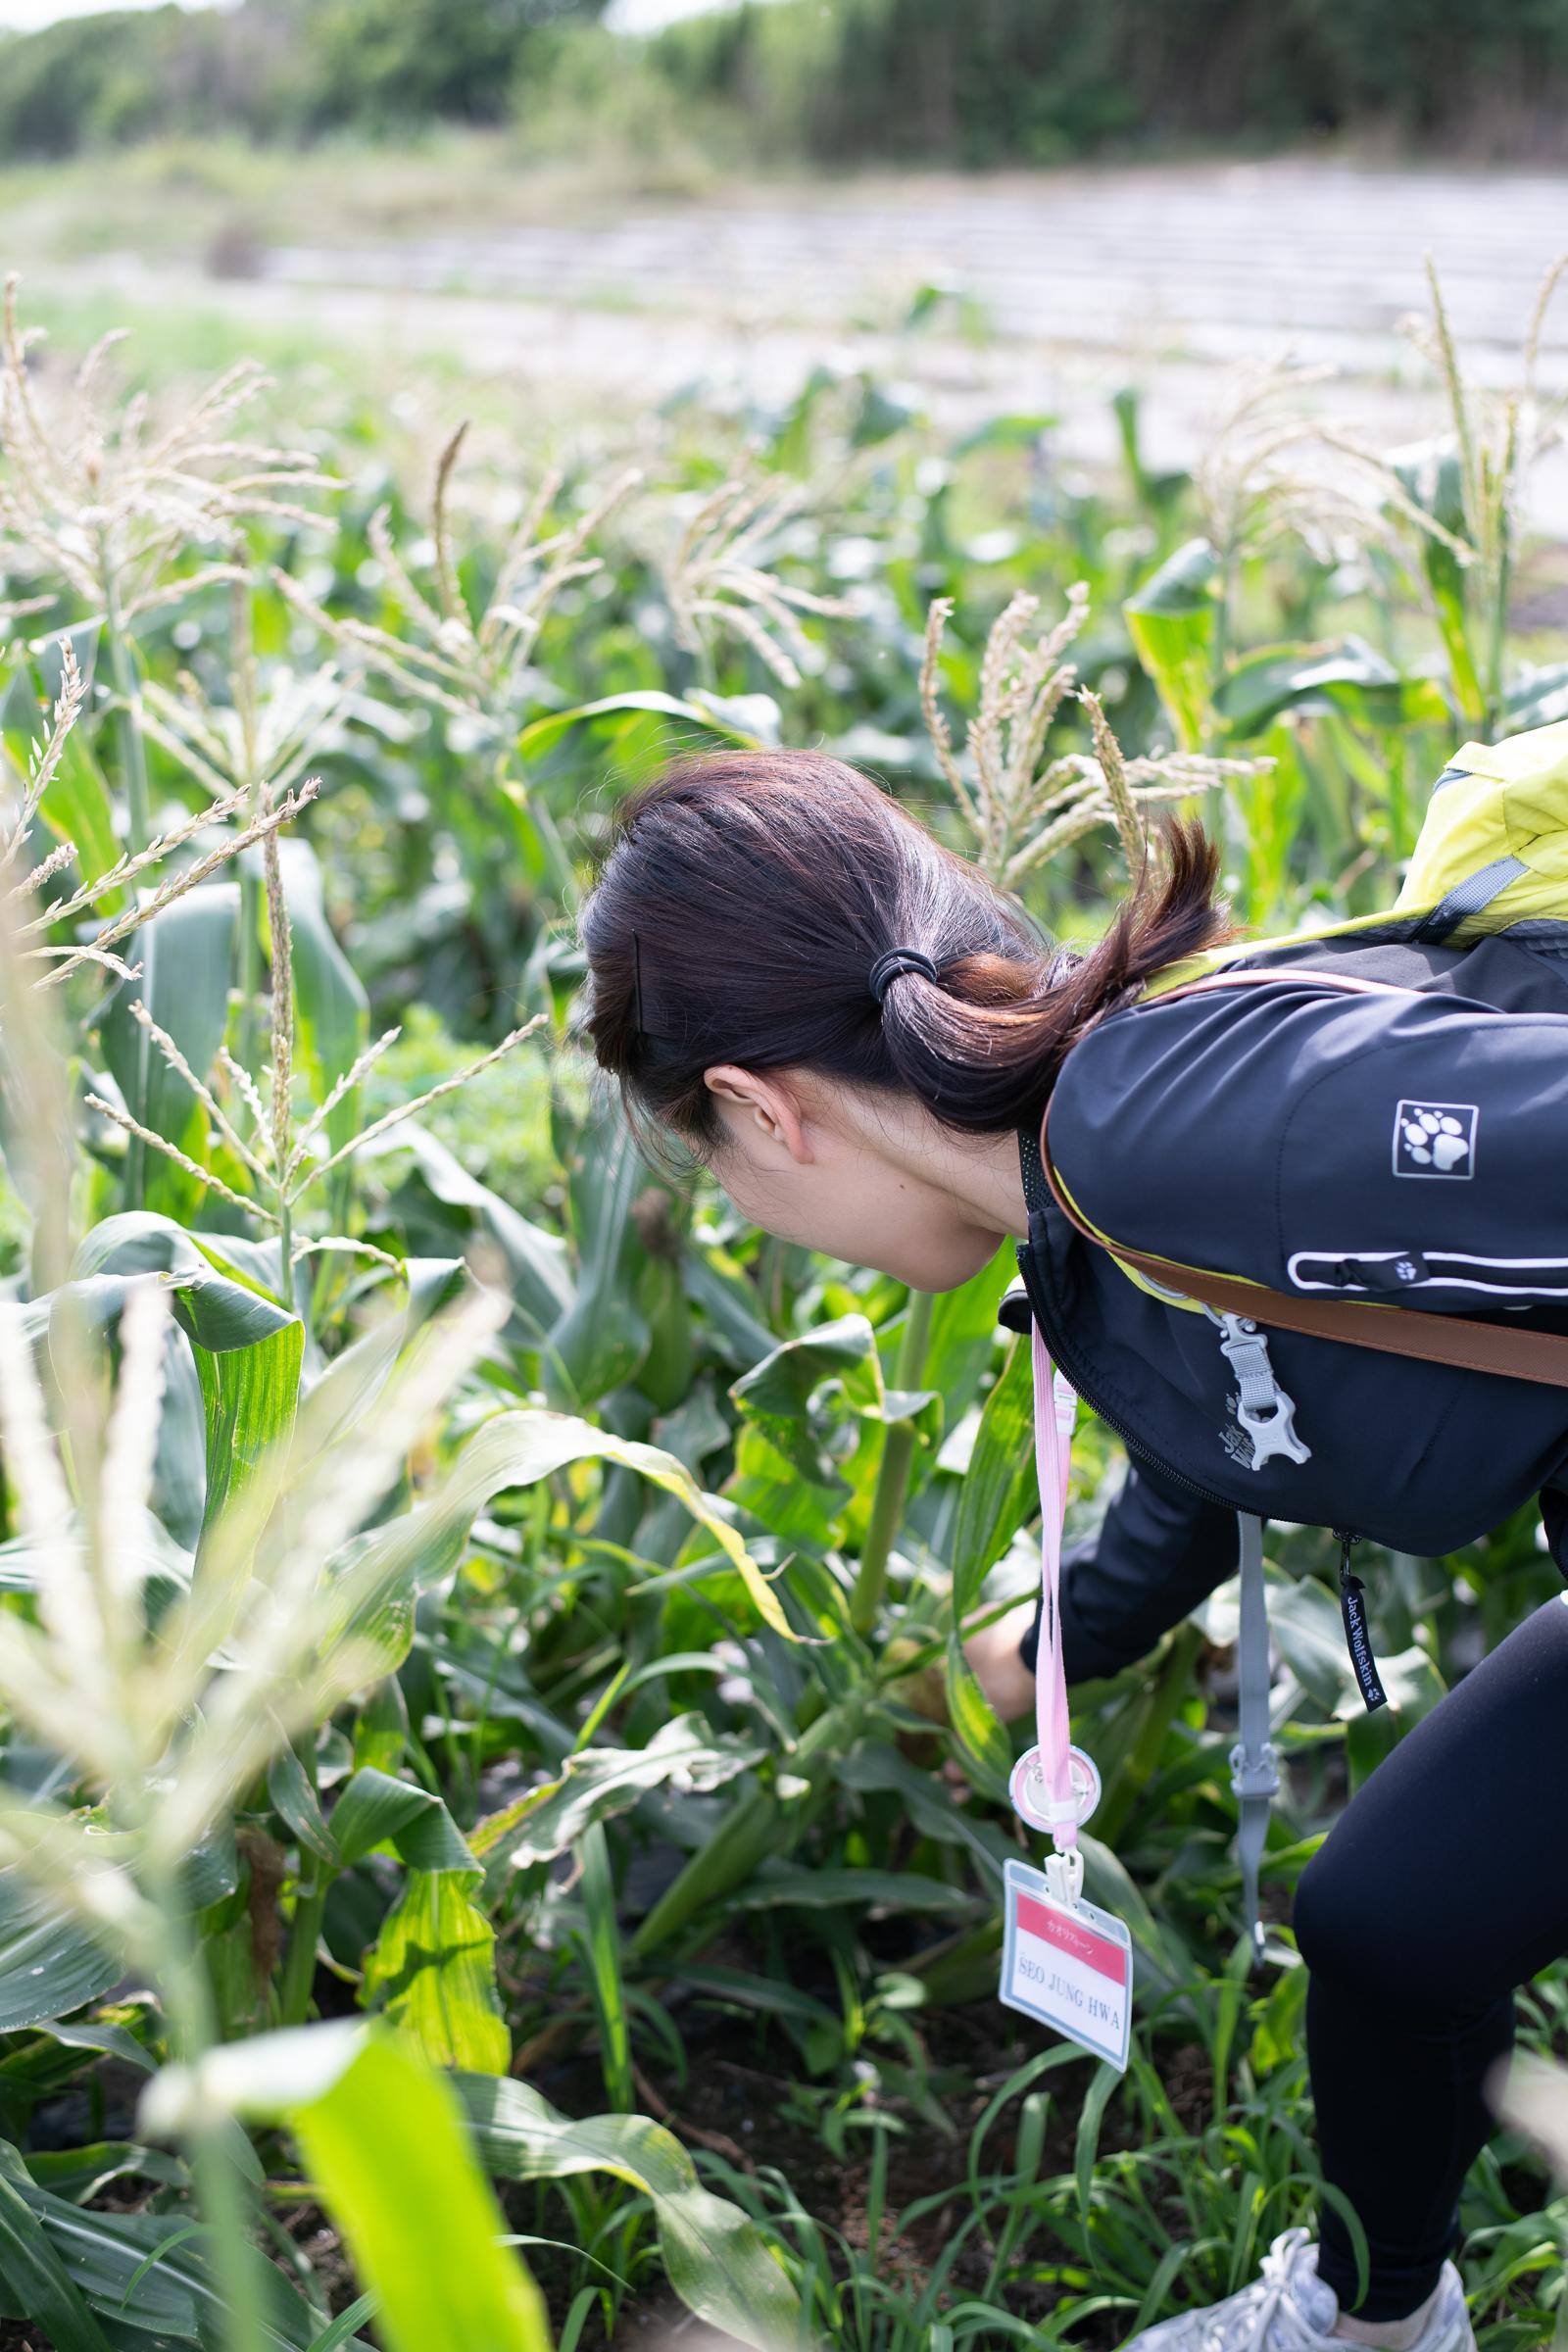 미나미보소의 옥수수는 수확하기 쉽도록 키가 작게 개량됐다.